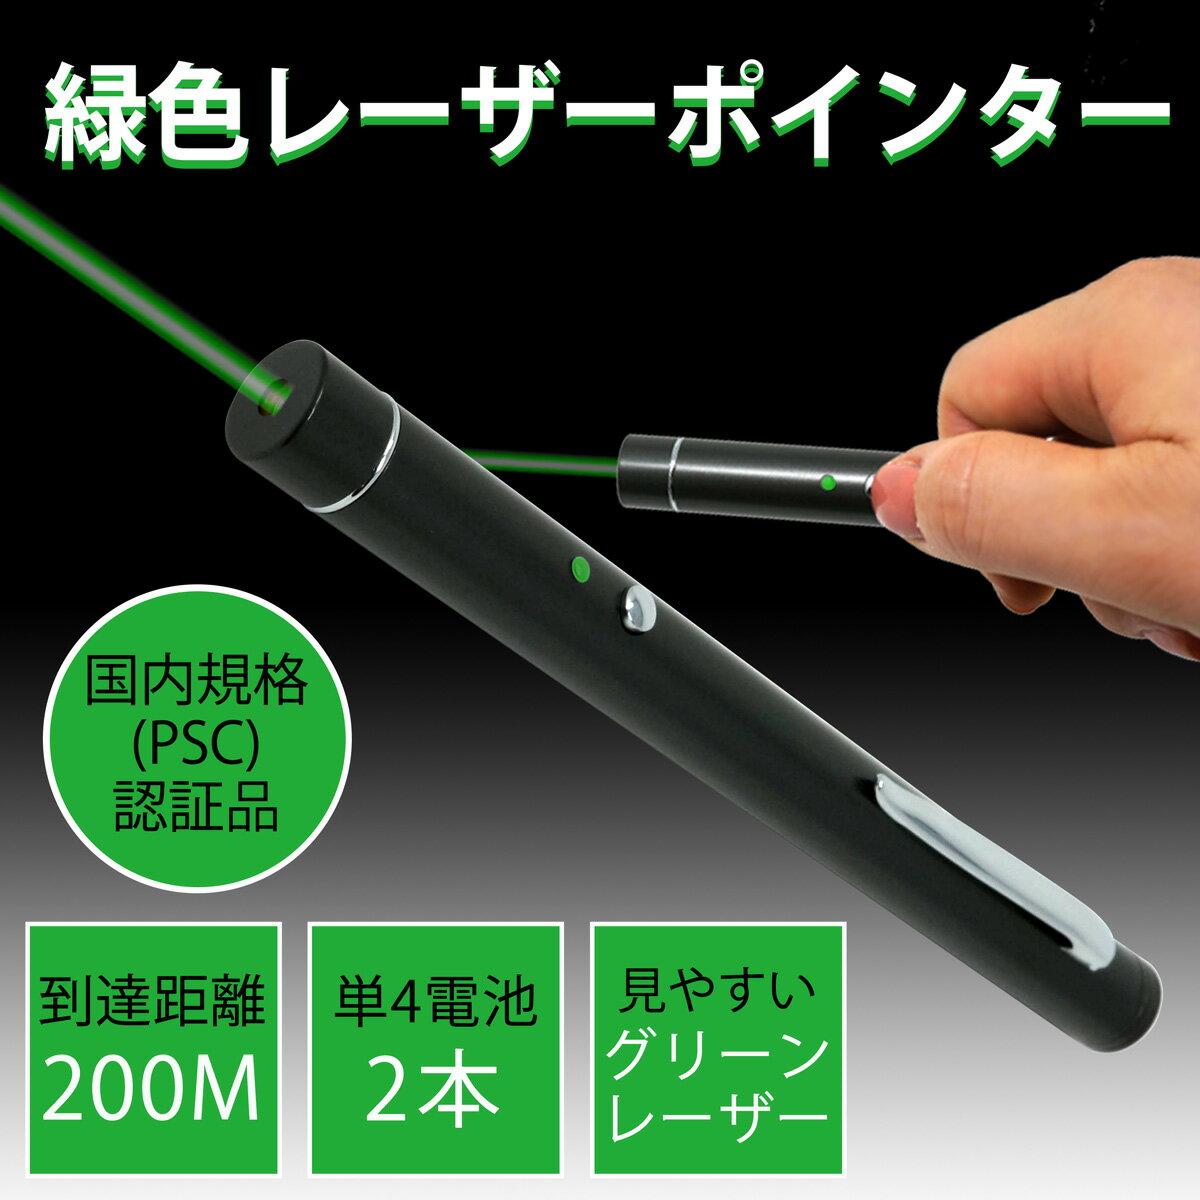 グリーン レーザーポインター LPG-350 国内安全規格認証品 緑 レーザー ペン型